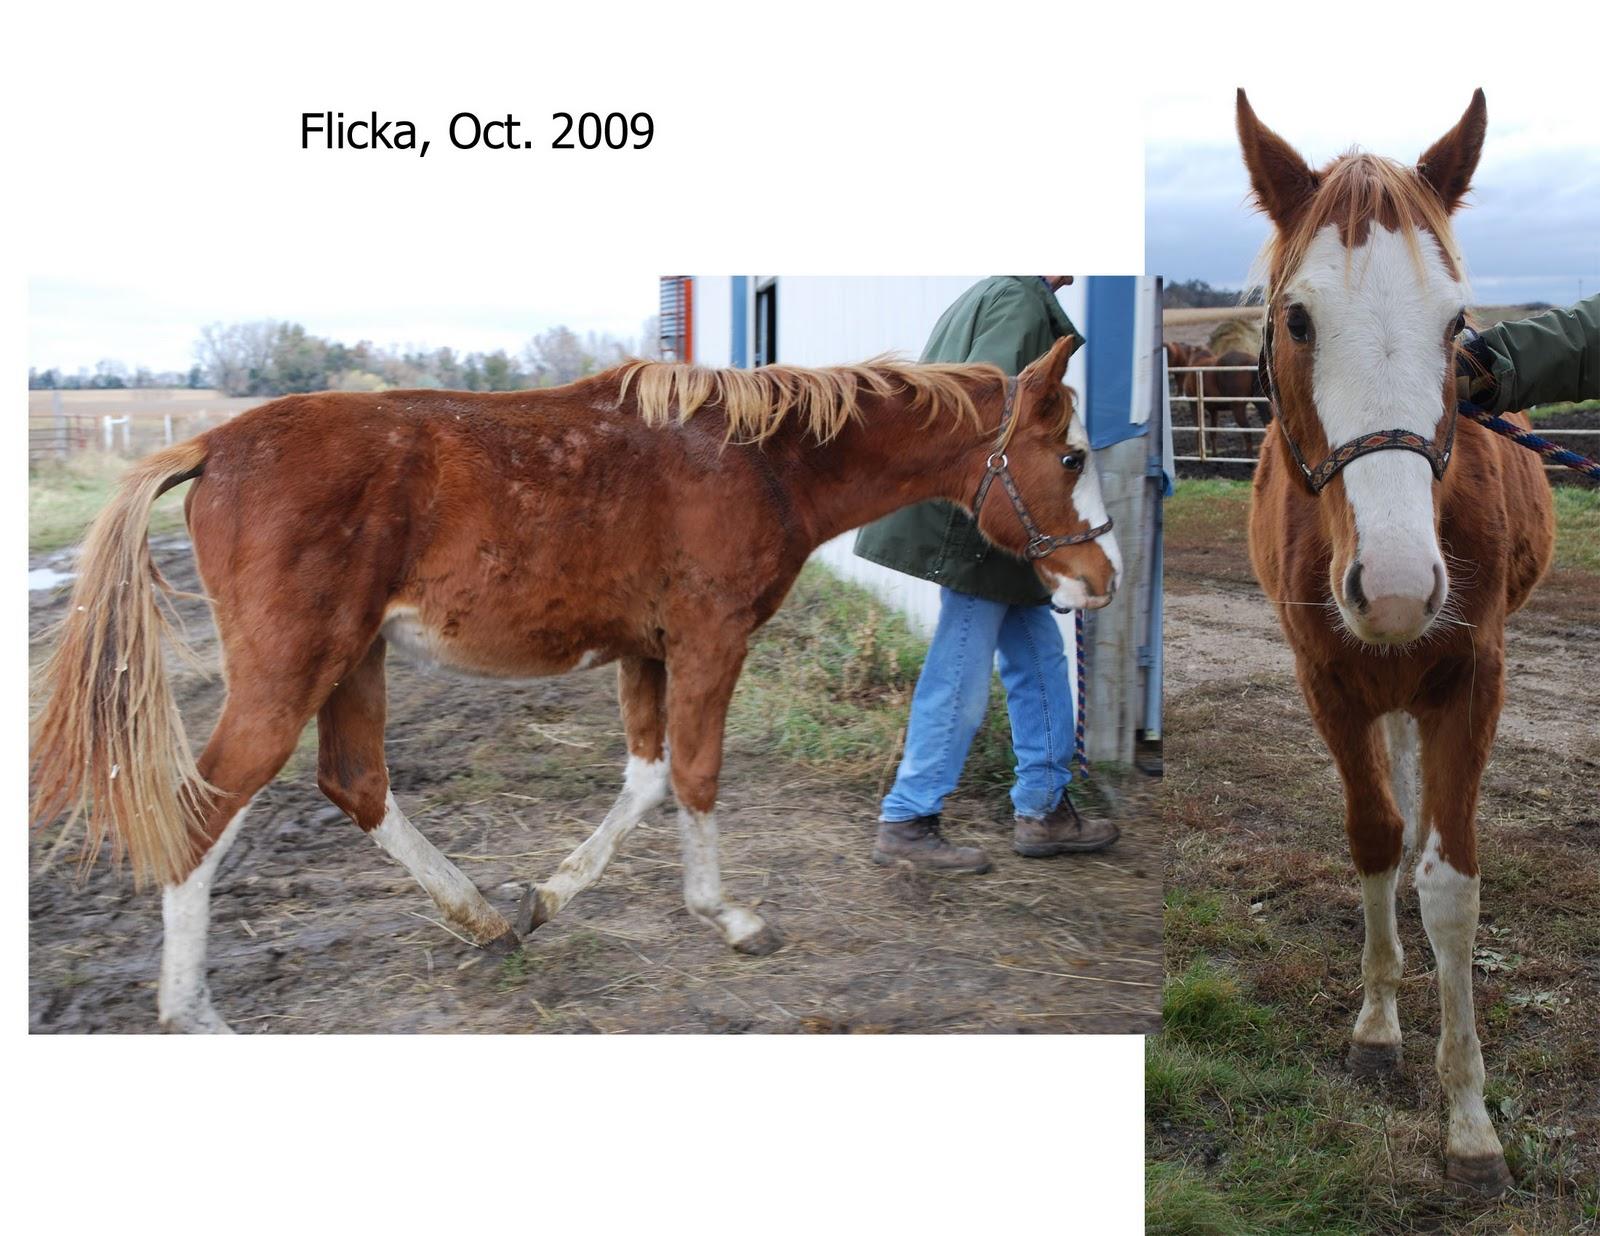 Simple   Wallpaper Horse Flicka - flickarescue  Pictures_488160.jpg